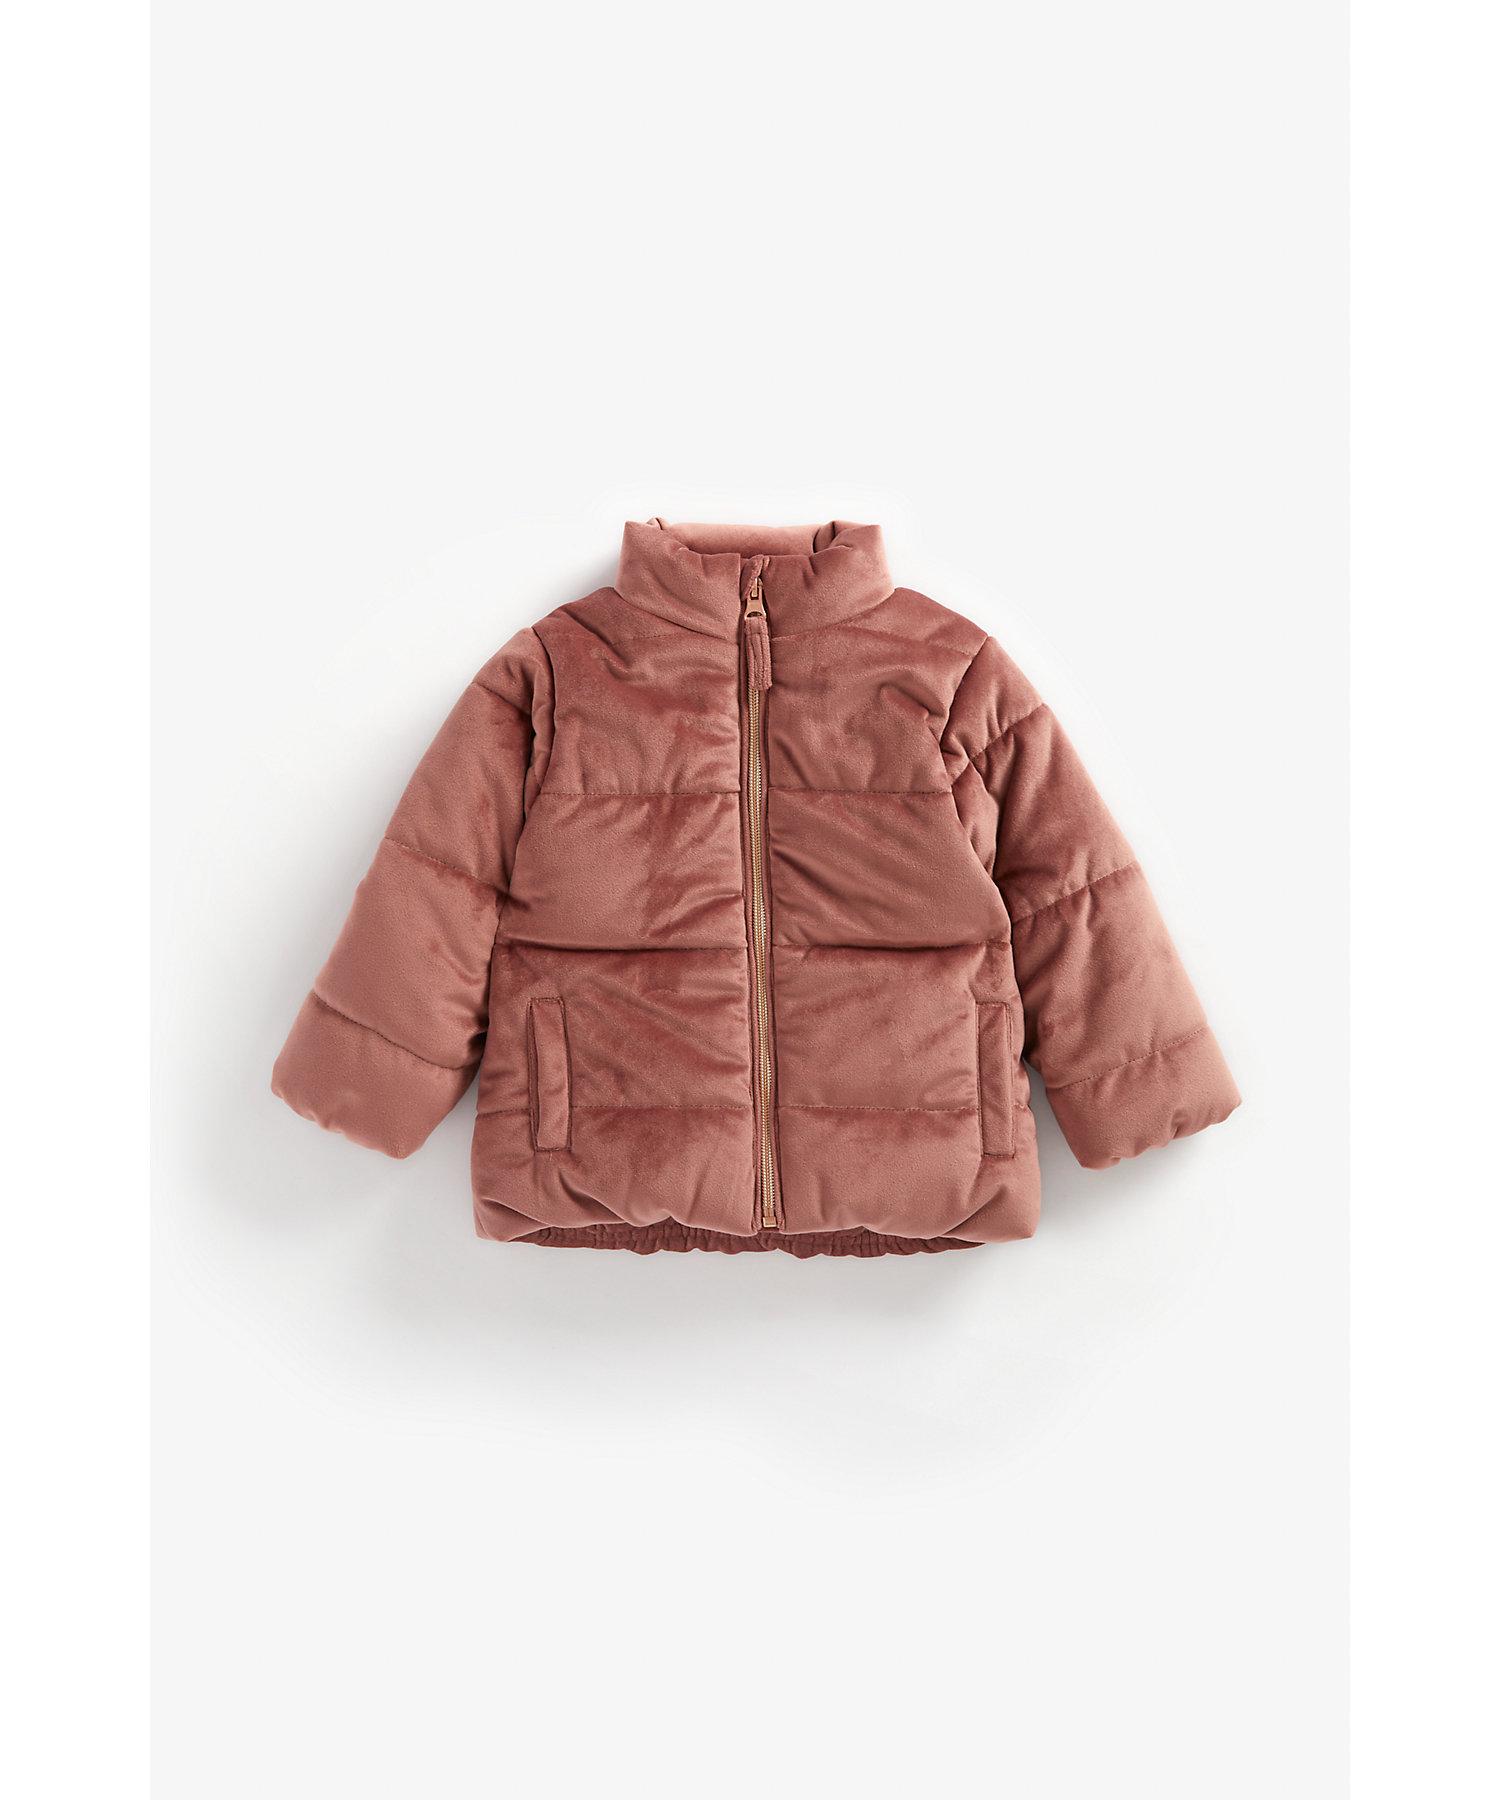 Mothercare | Girls Full Sleeves Velour Jacket - Blush